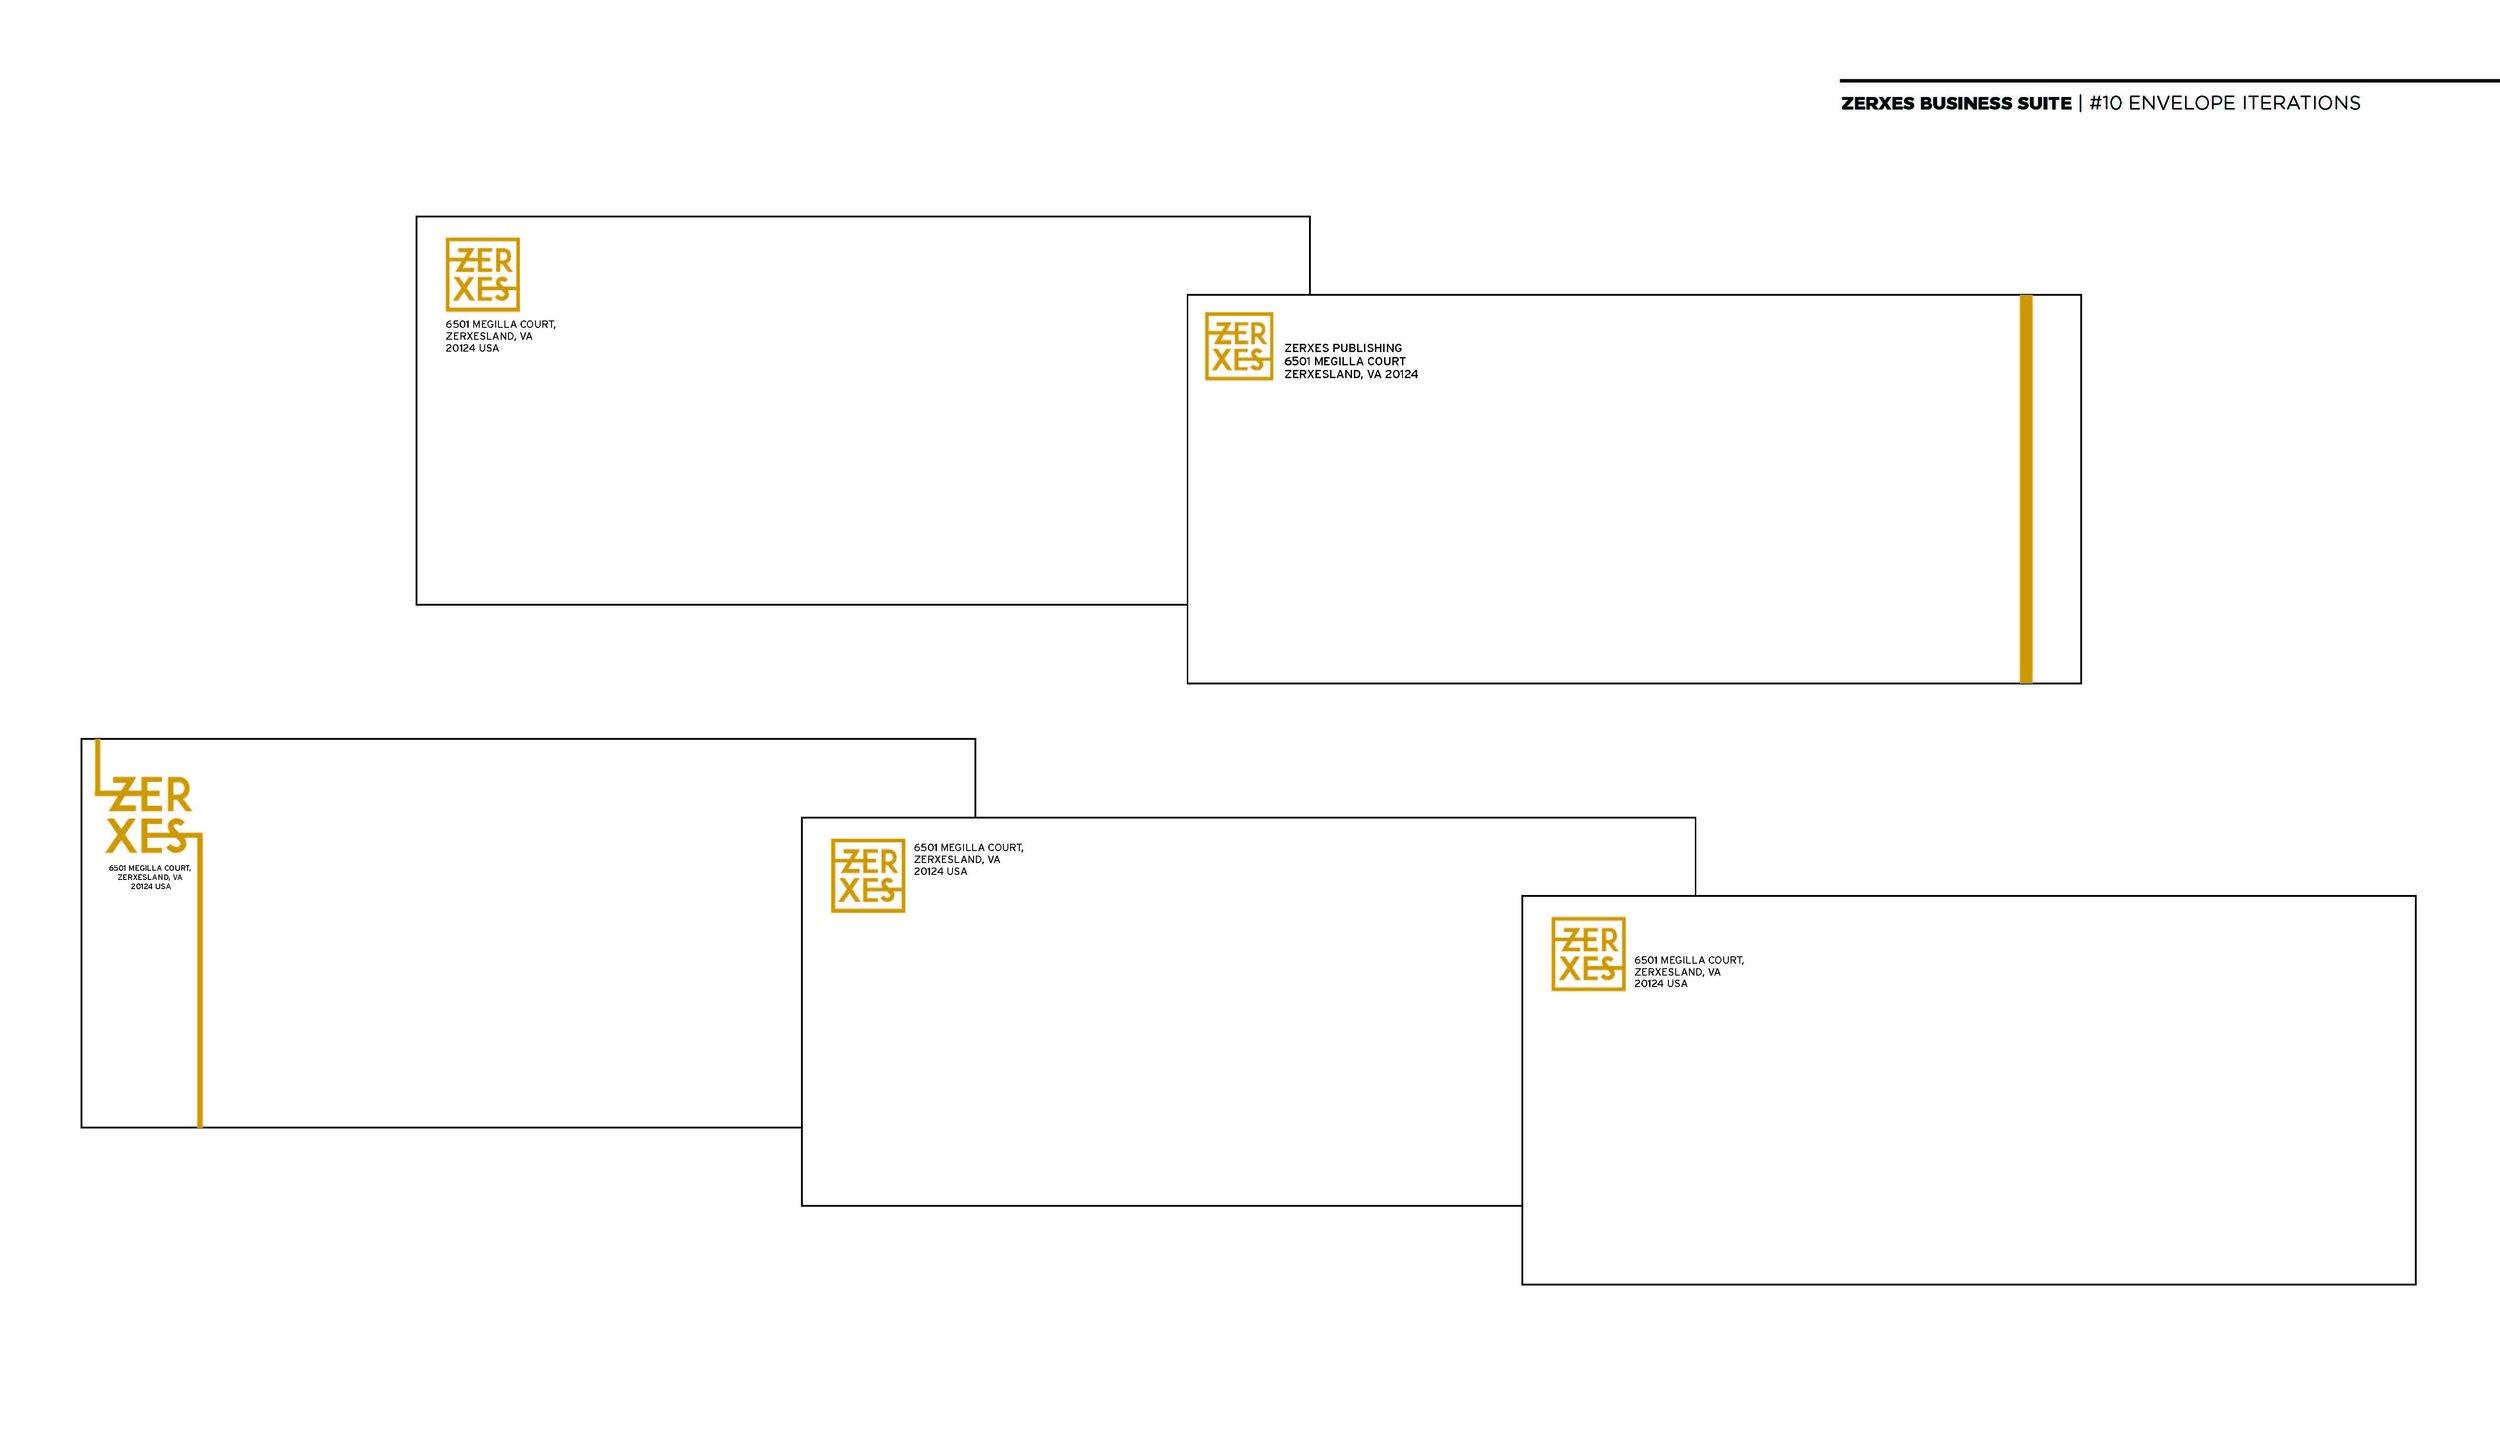 zerxes+design+process_Page_09.jpg